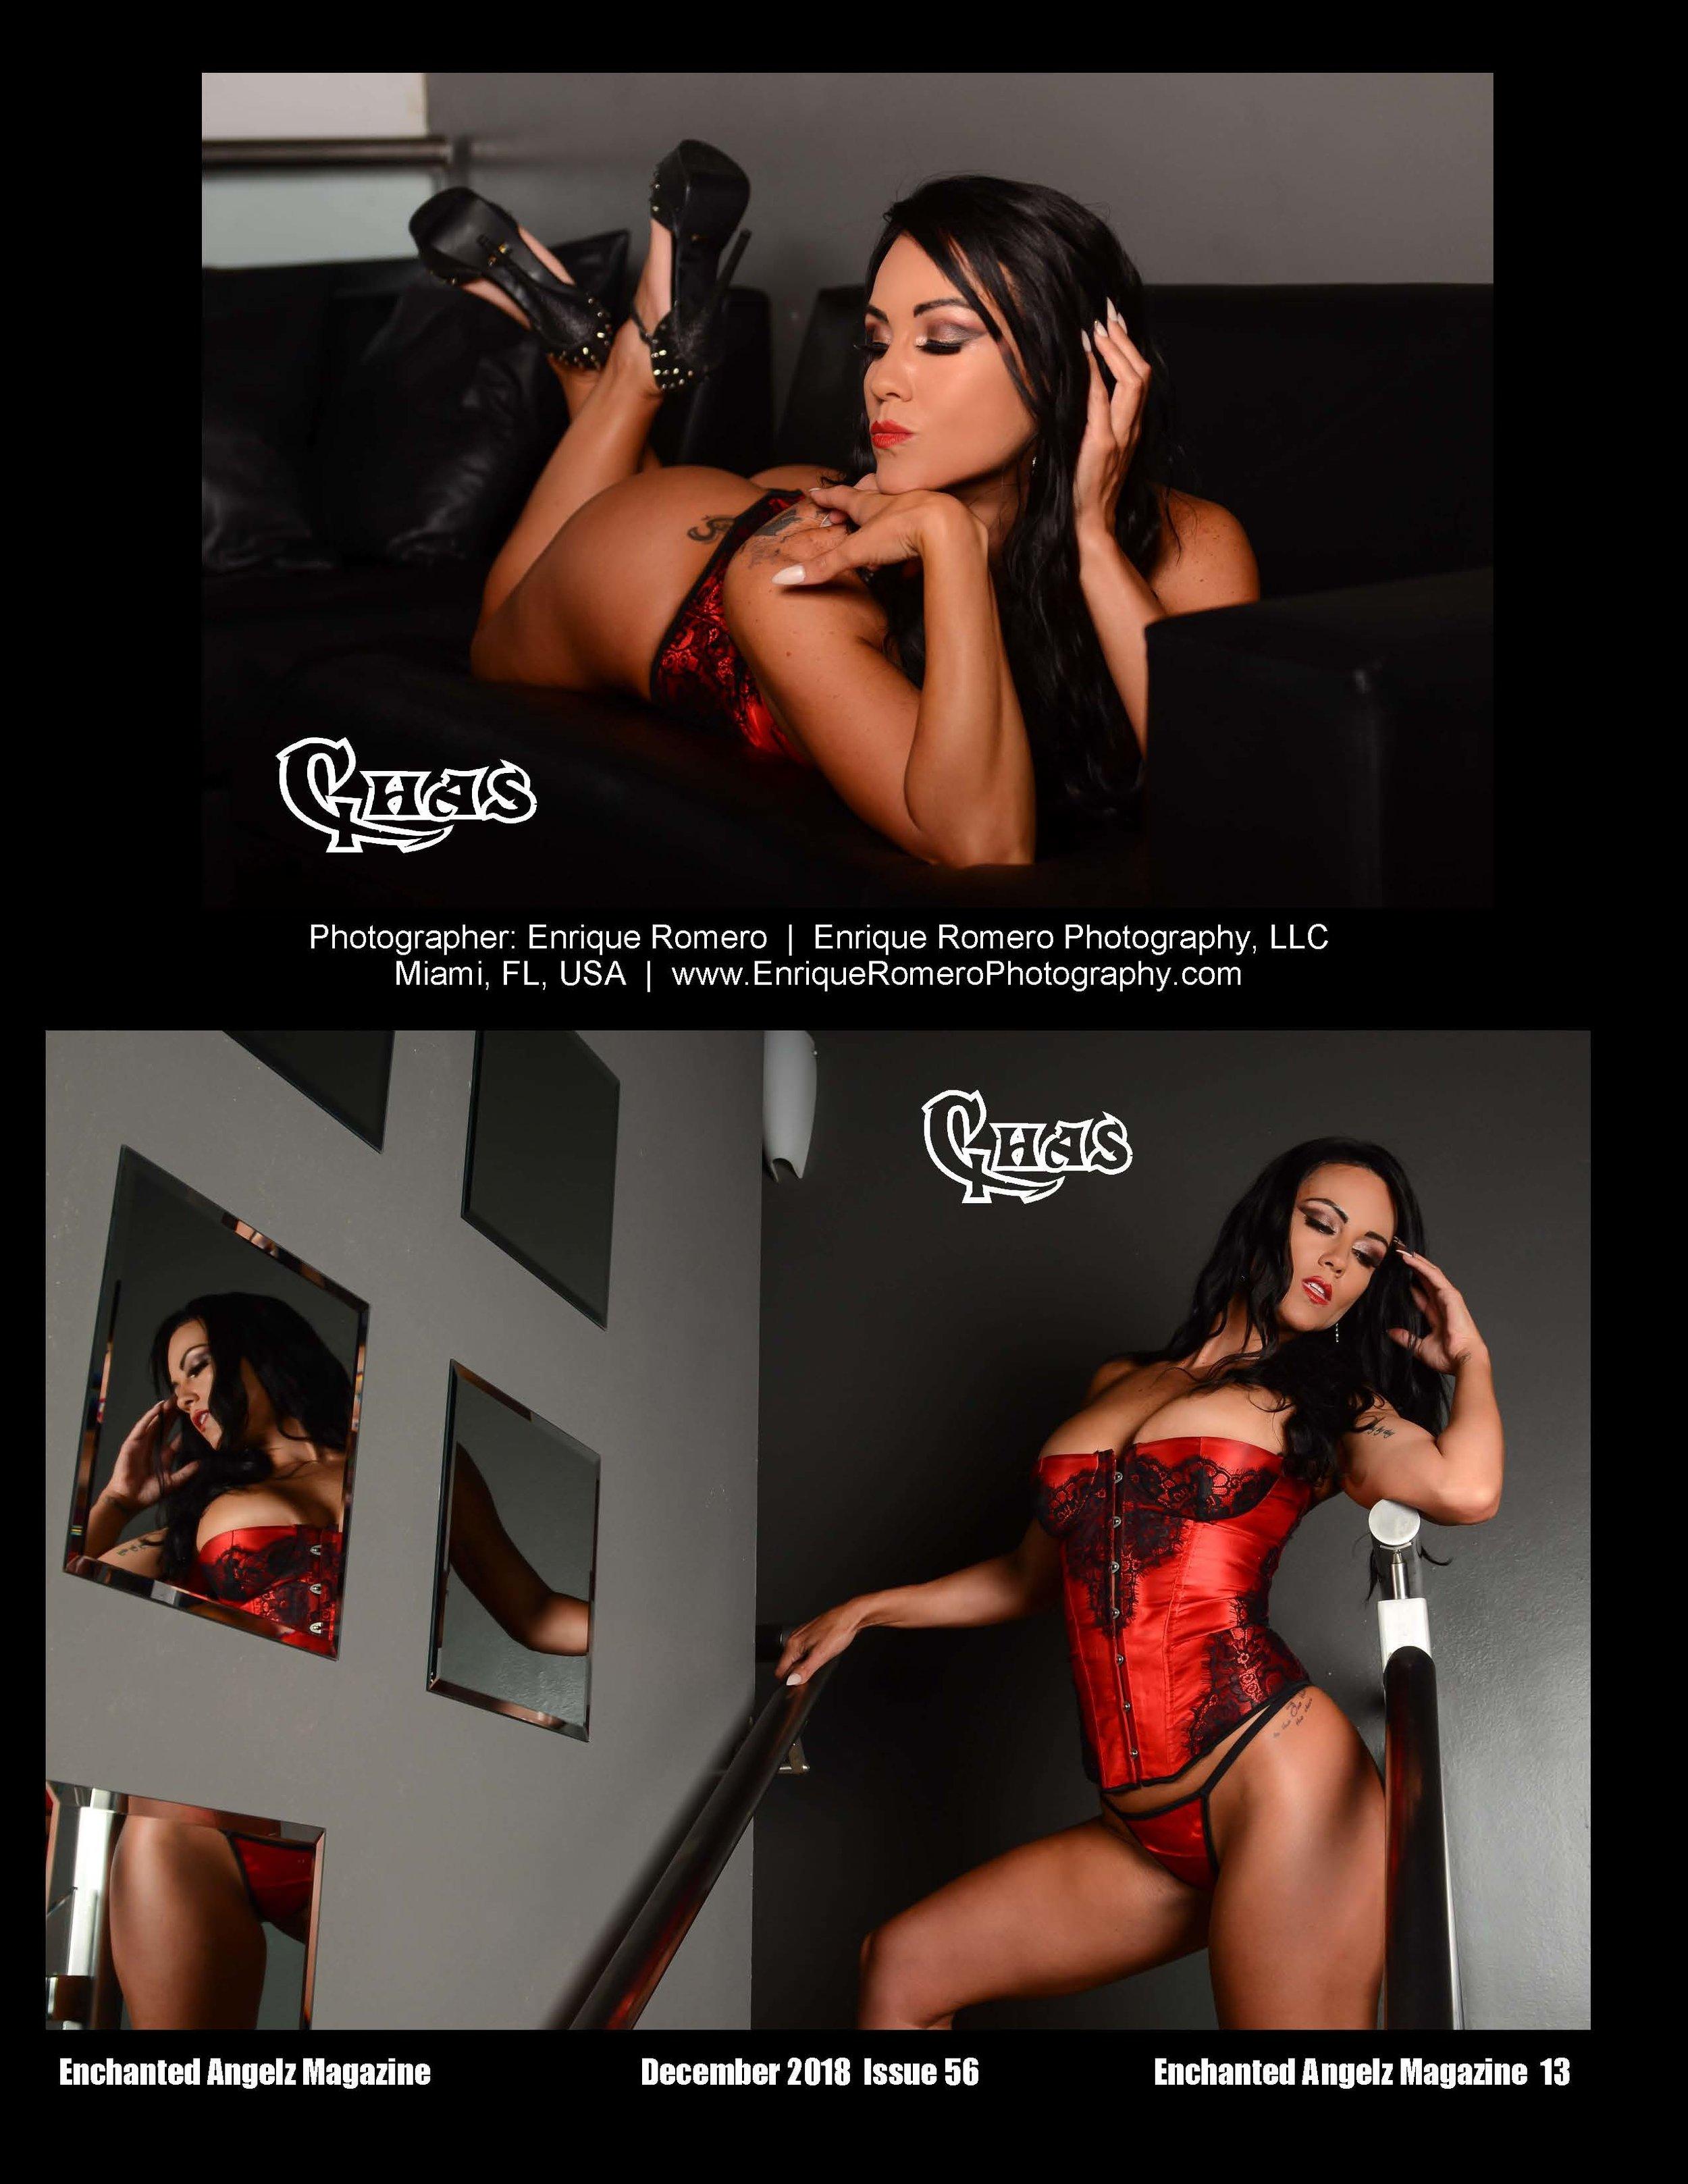 Lingerie Photo Shoot Enchanted Angelz Magazine